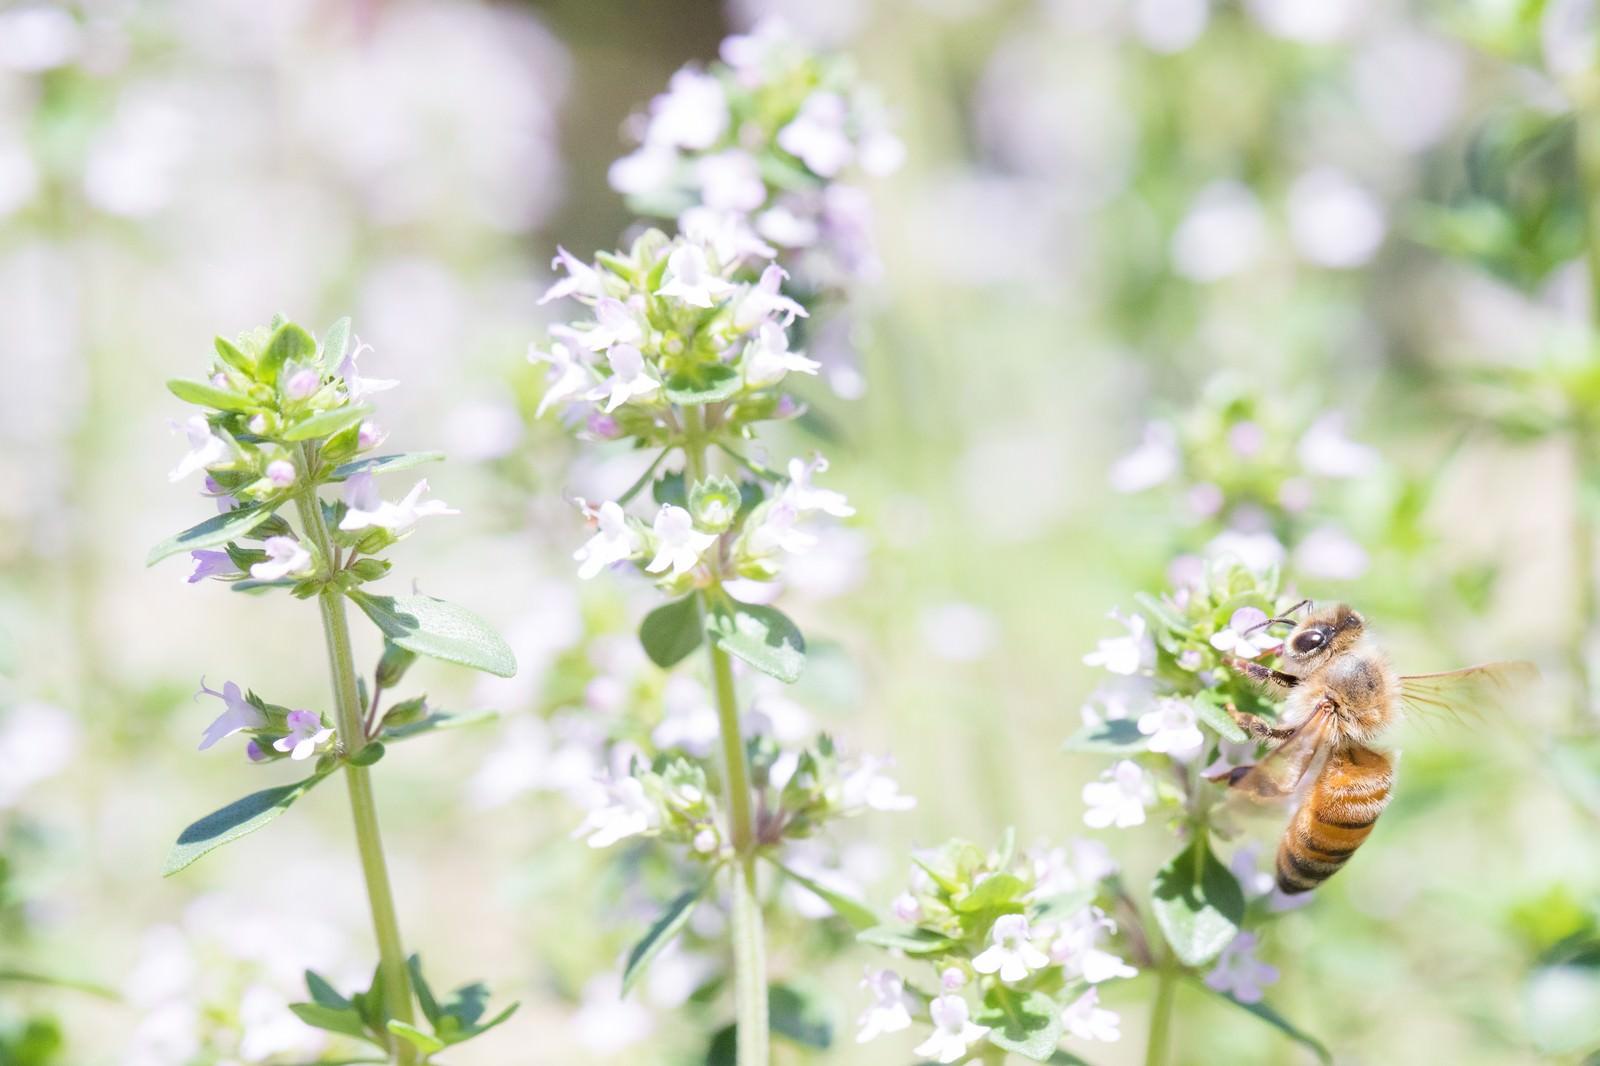 「ミツバチには同じ花を訪れ蜜を集める習性がある」の写真